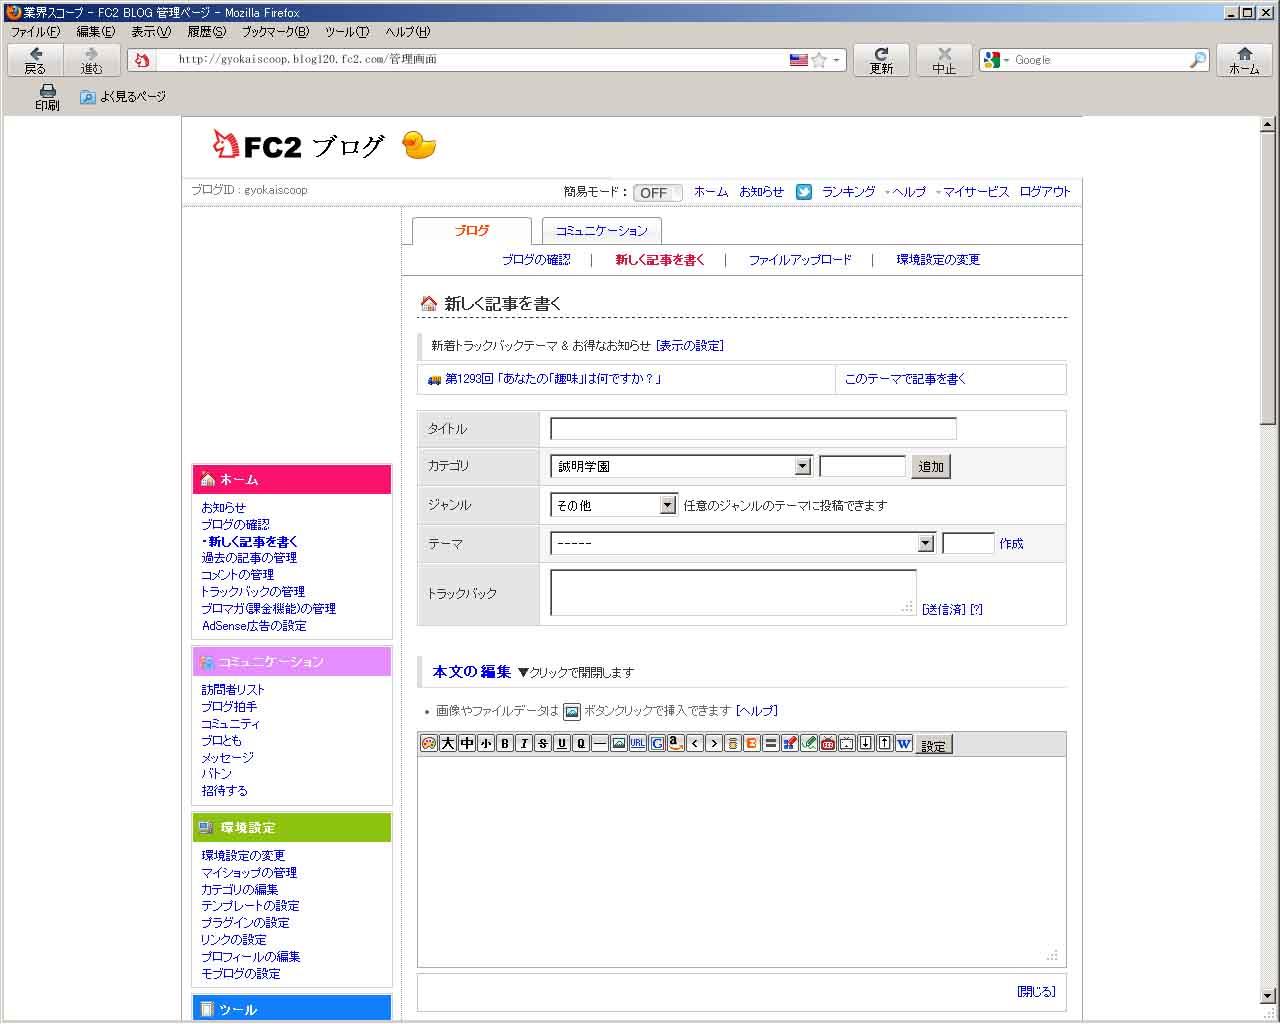 ブログ編集画面 コピー